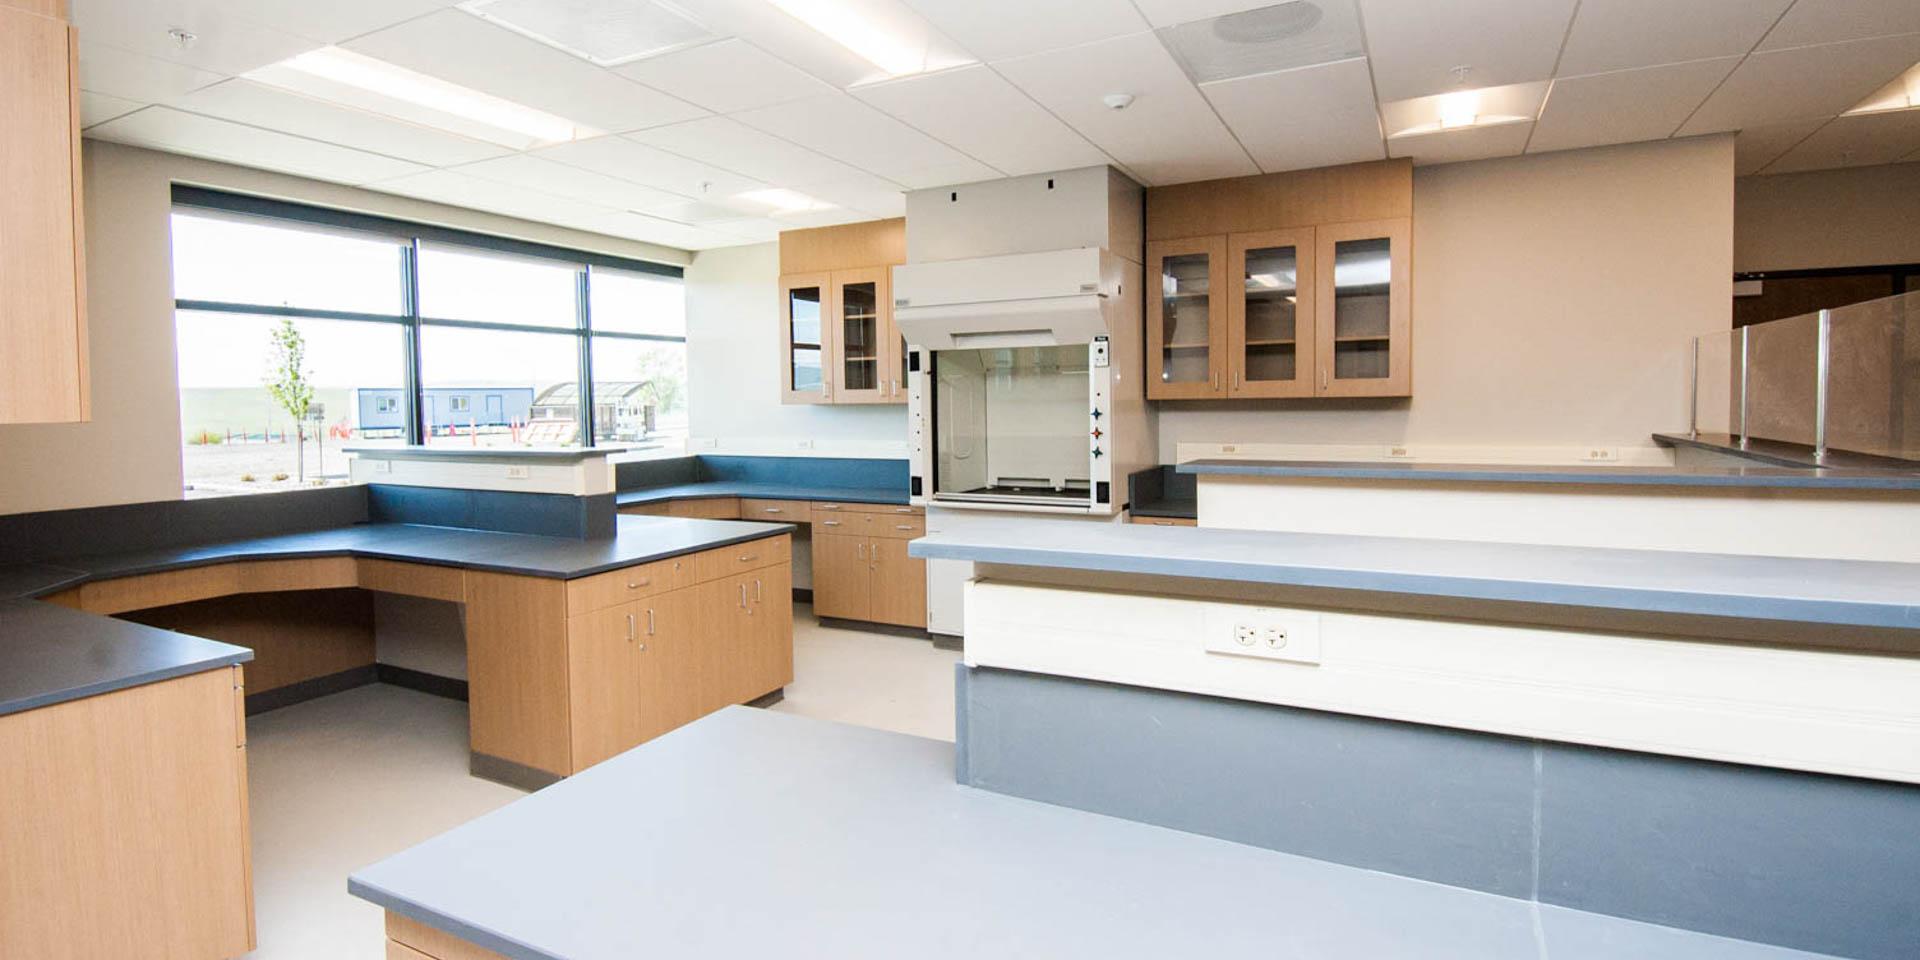 38 Lab area